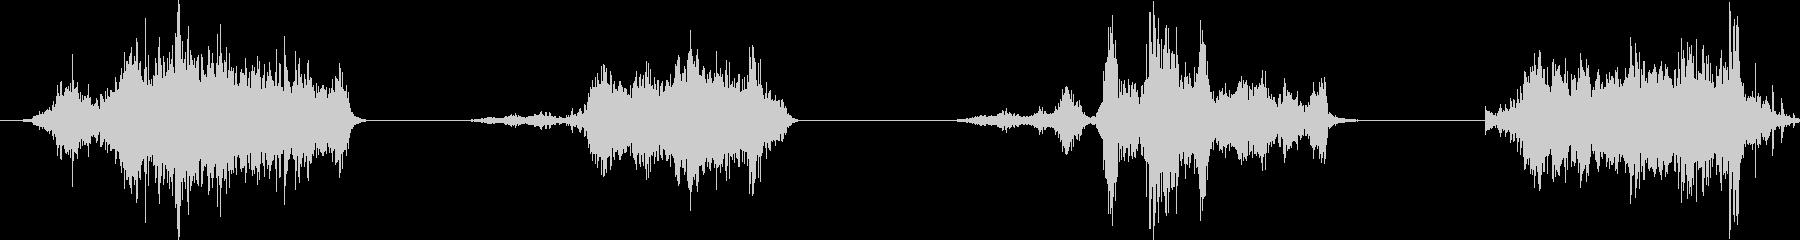 ハンドウッドプレーン:ウッド上の多...の未再生の波形